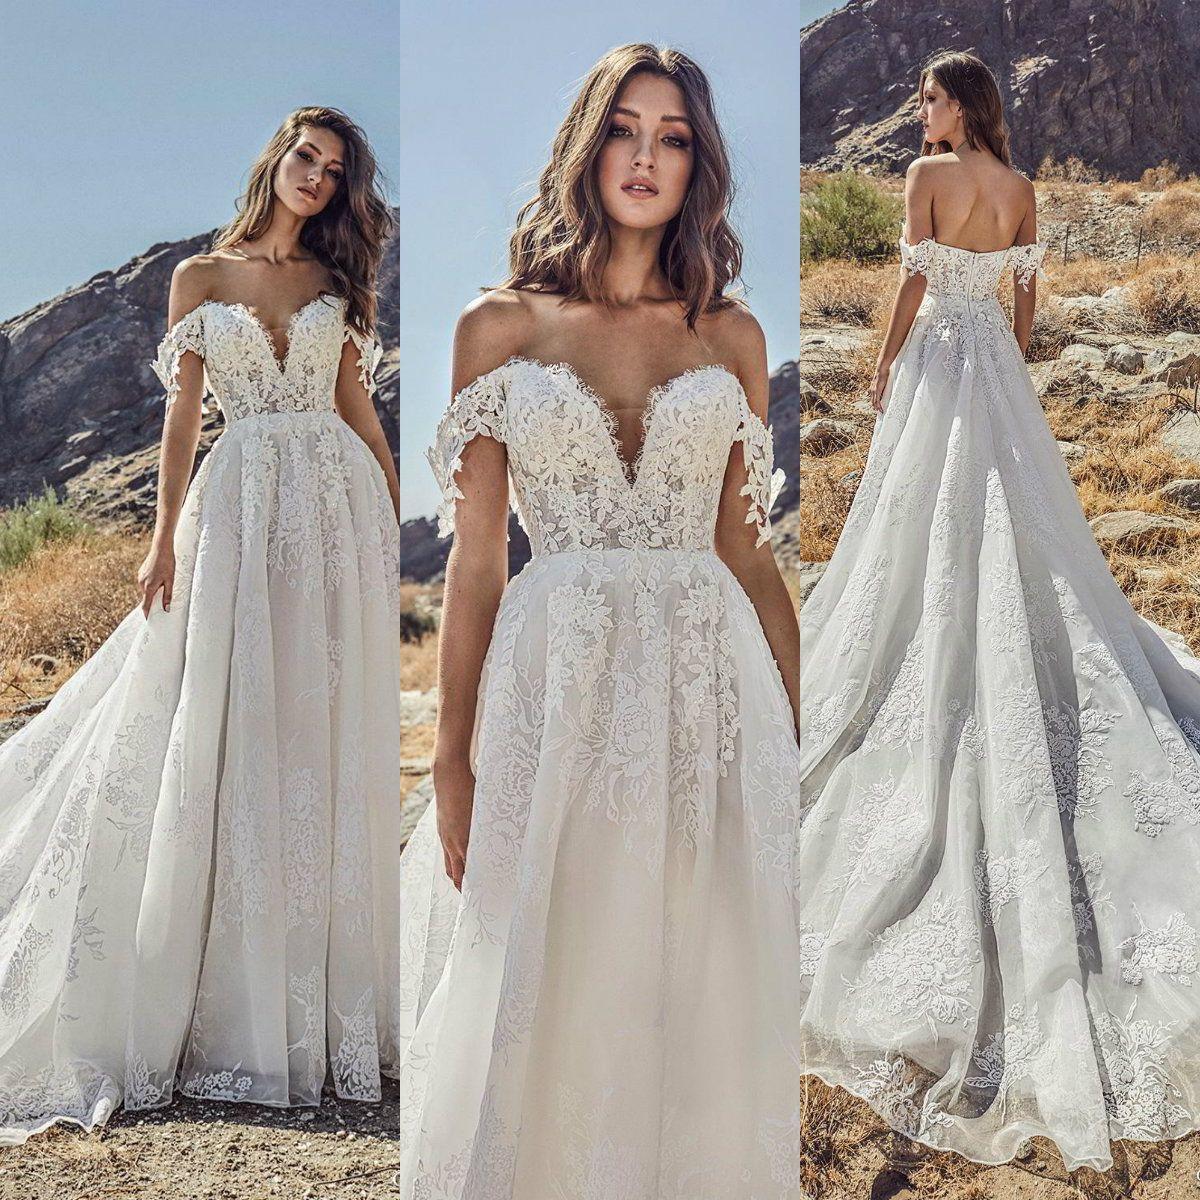 Julie Vino 2019 Brautkleider Schulterfrei Spitze Land Sweep Zug Brautkleider Plus Size Bohemian Vestido De Novia